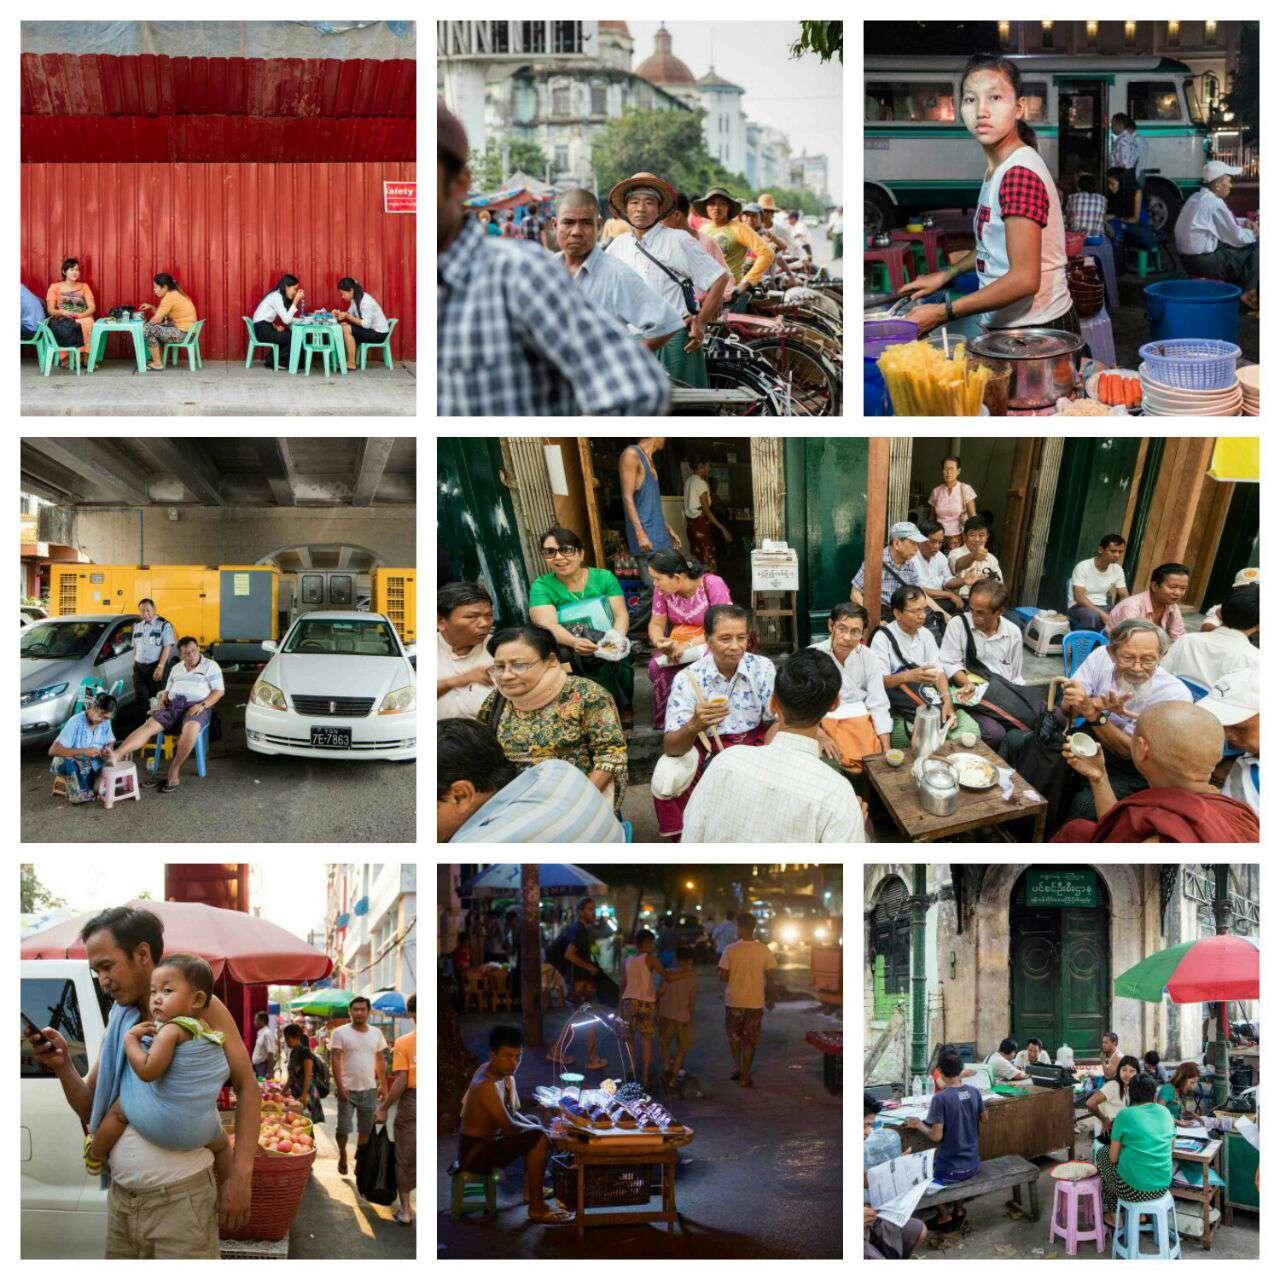 تصاویری از زندگی روزمره مردم میانمار